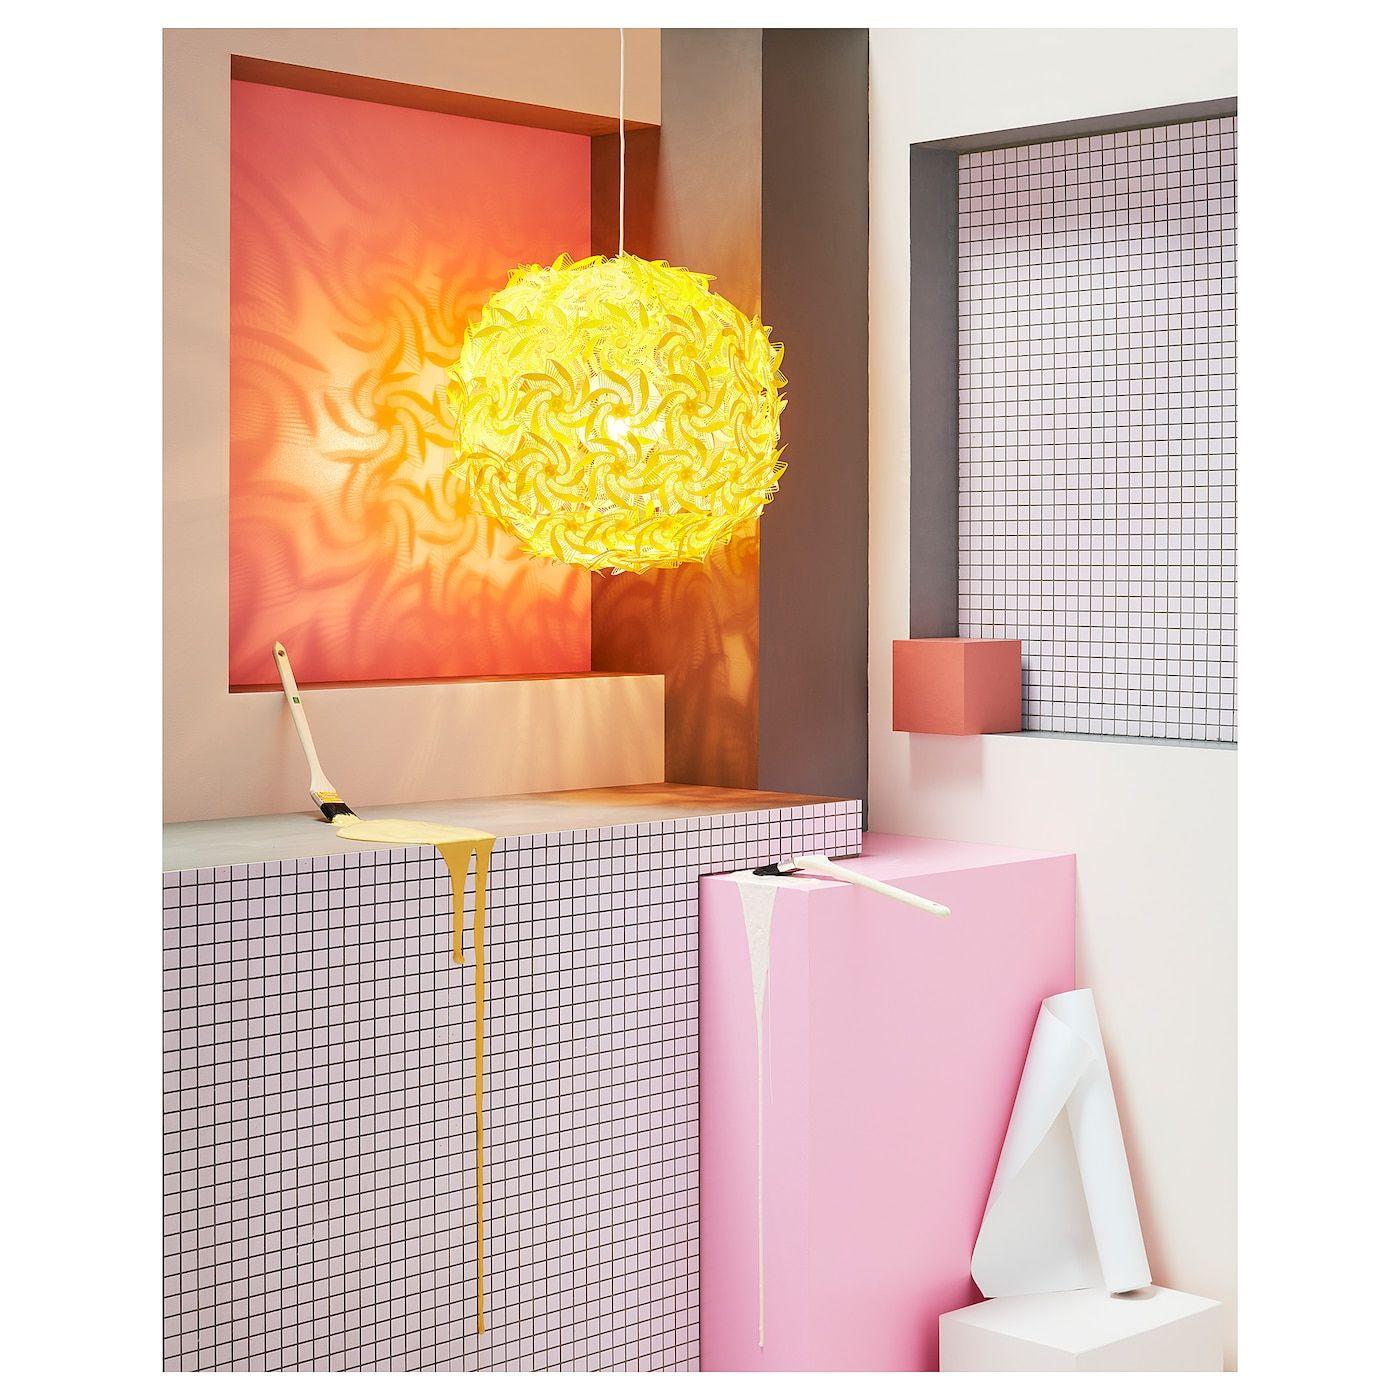 Grimsas Hangeleuchte Gelb Ikea Deutschland In 2020 Ikea Wandleuchte Anhanger Lampen Hangeleuchte